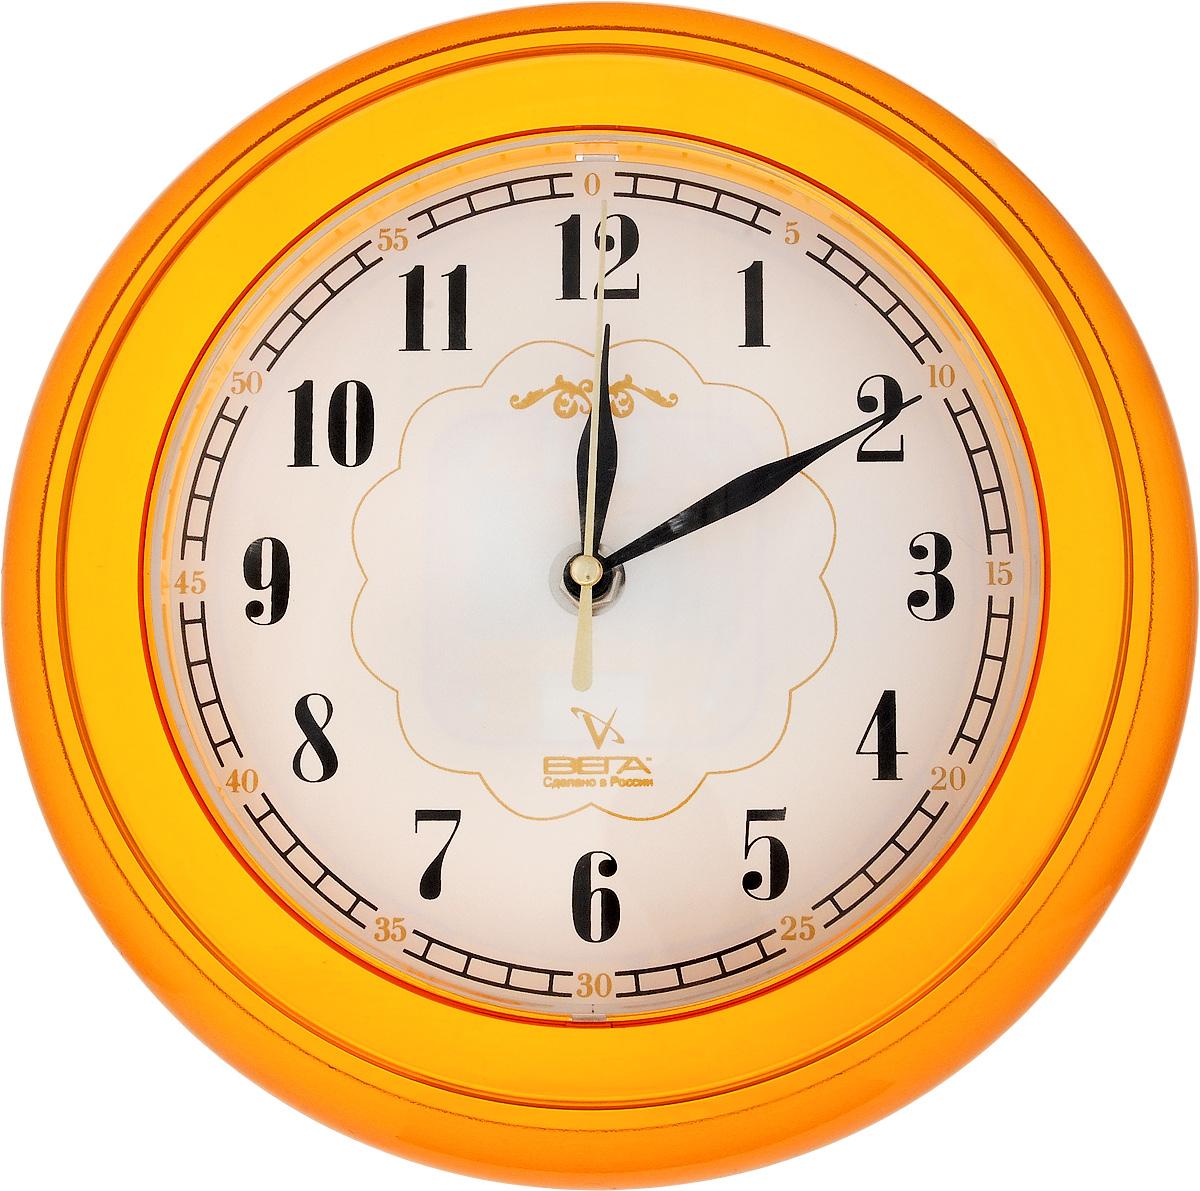 Часы настенные Вега Классика, цвет: оранжевый, диаметр 22 смП6-17-20Настенные кварцевые часы Вега Классика, изготовленные из пластика, прекрасно впишутся в интерьер вашего дома. Круглые часы имеют три стрелки: часовую, минутную и секундную, циферблат защищен прозрачным стеклом. Часы работают от 1 батарейки типа АА напряжением 1,5 В (не входит в комплект). Диаметр часов: 22 см.